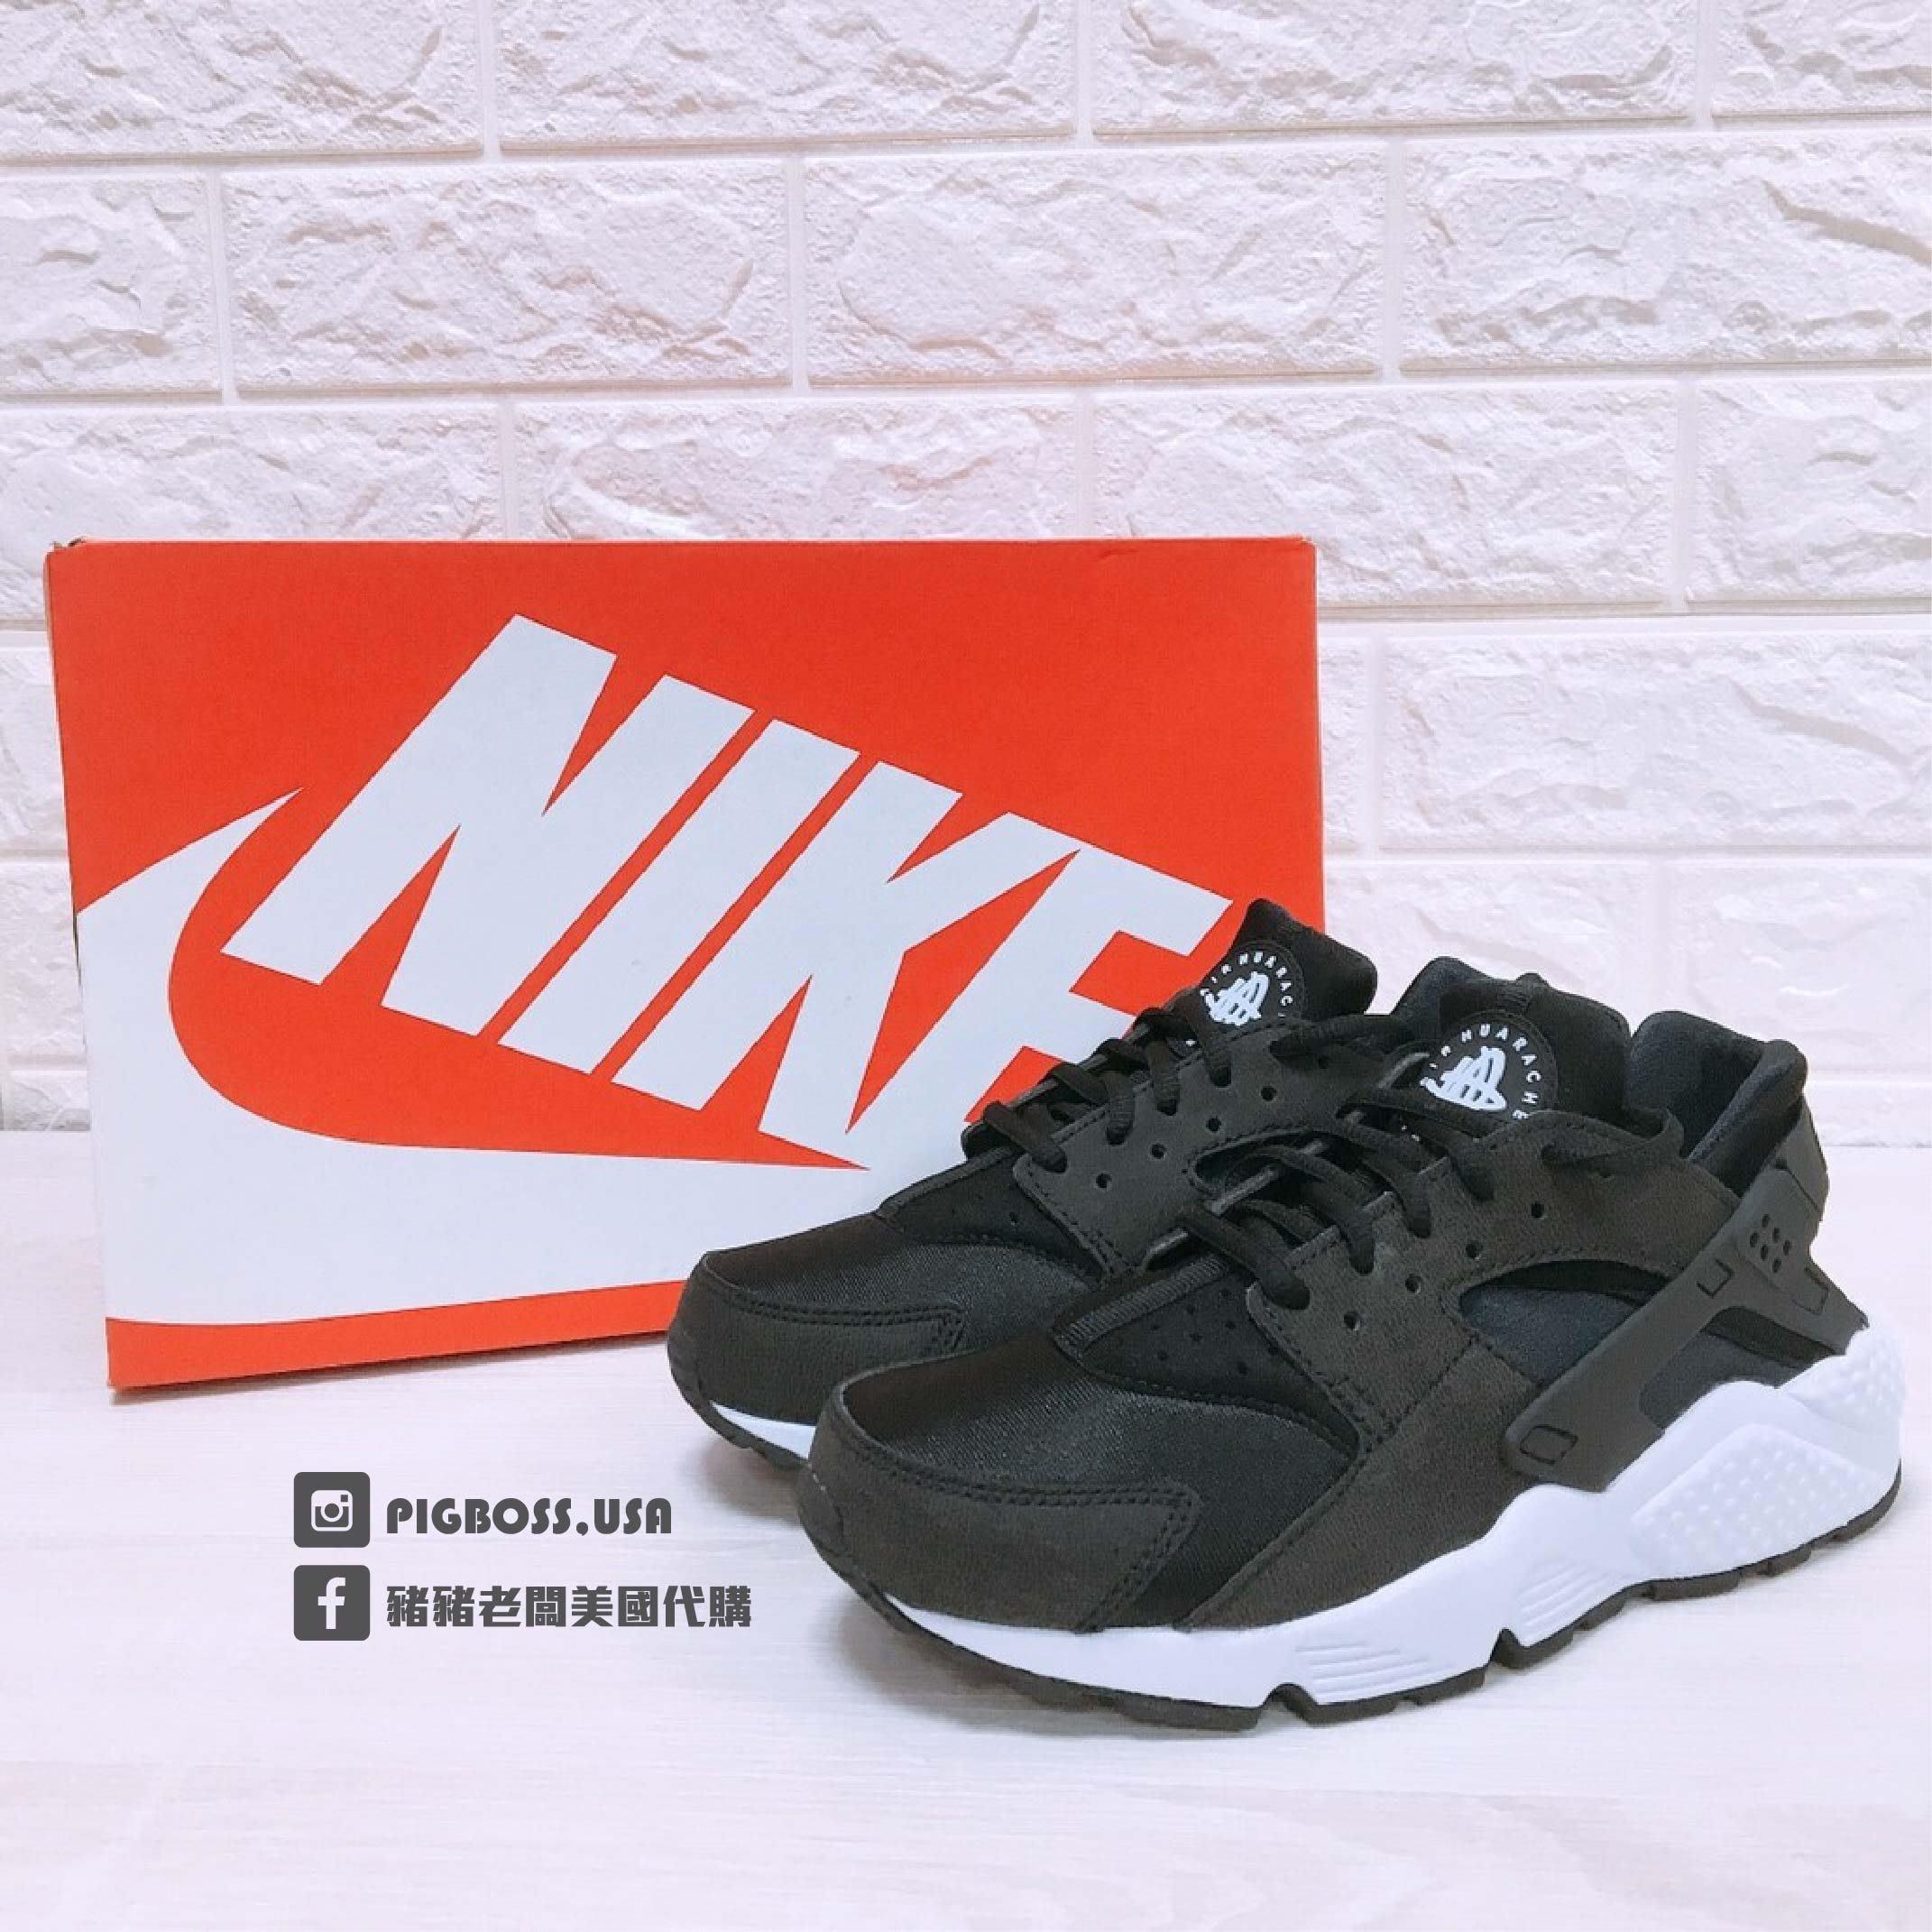 【豬豬老闆】NIKE WMNS AIR HUARACHE RUN 黑白 經典 武士鞋 女鞋 634835-006